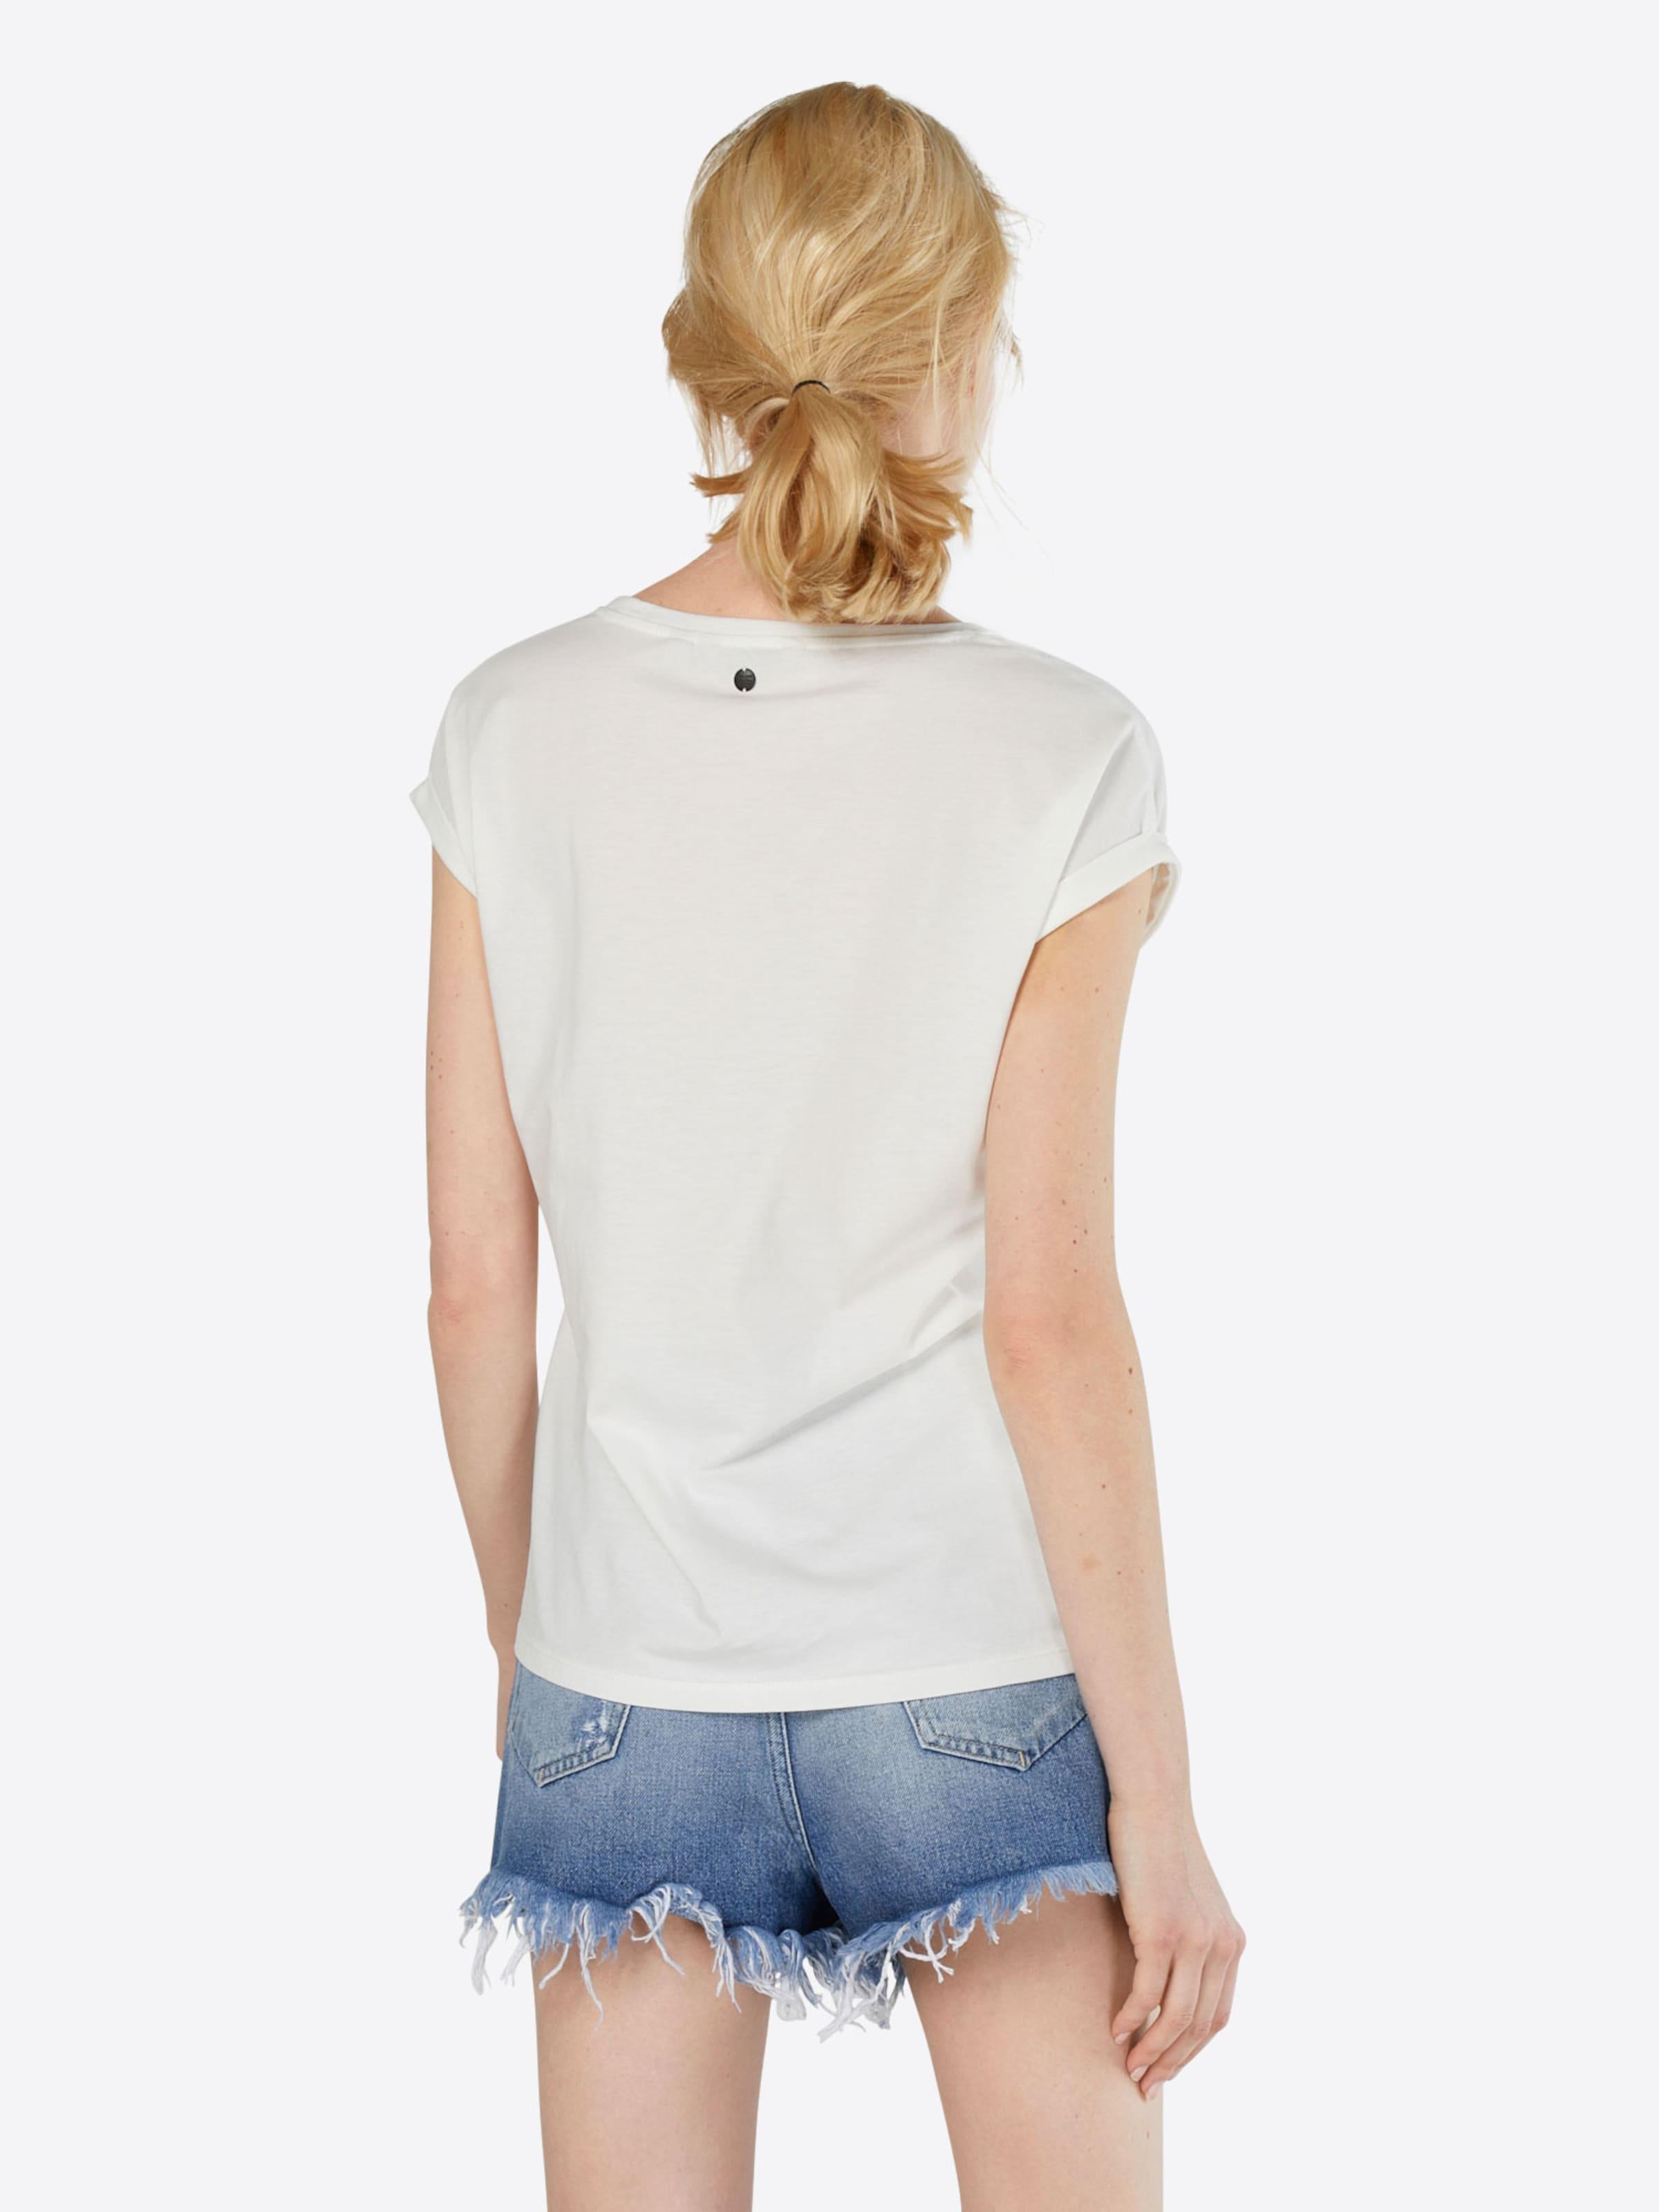 GARCIA T T GARCIA Shirt FO4C7w7q